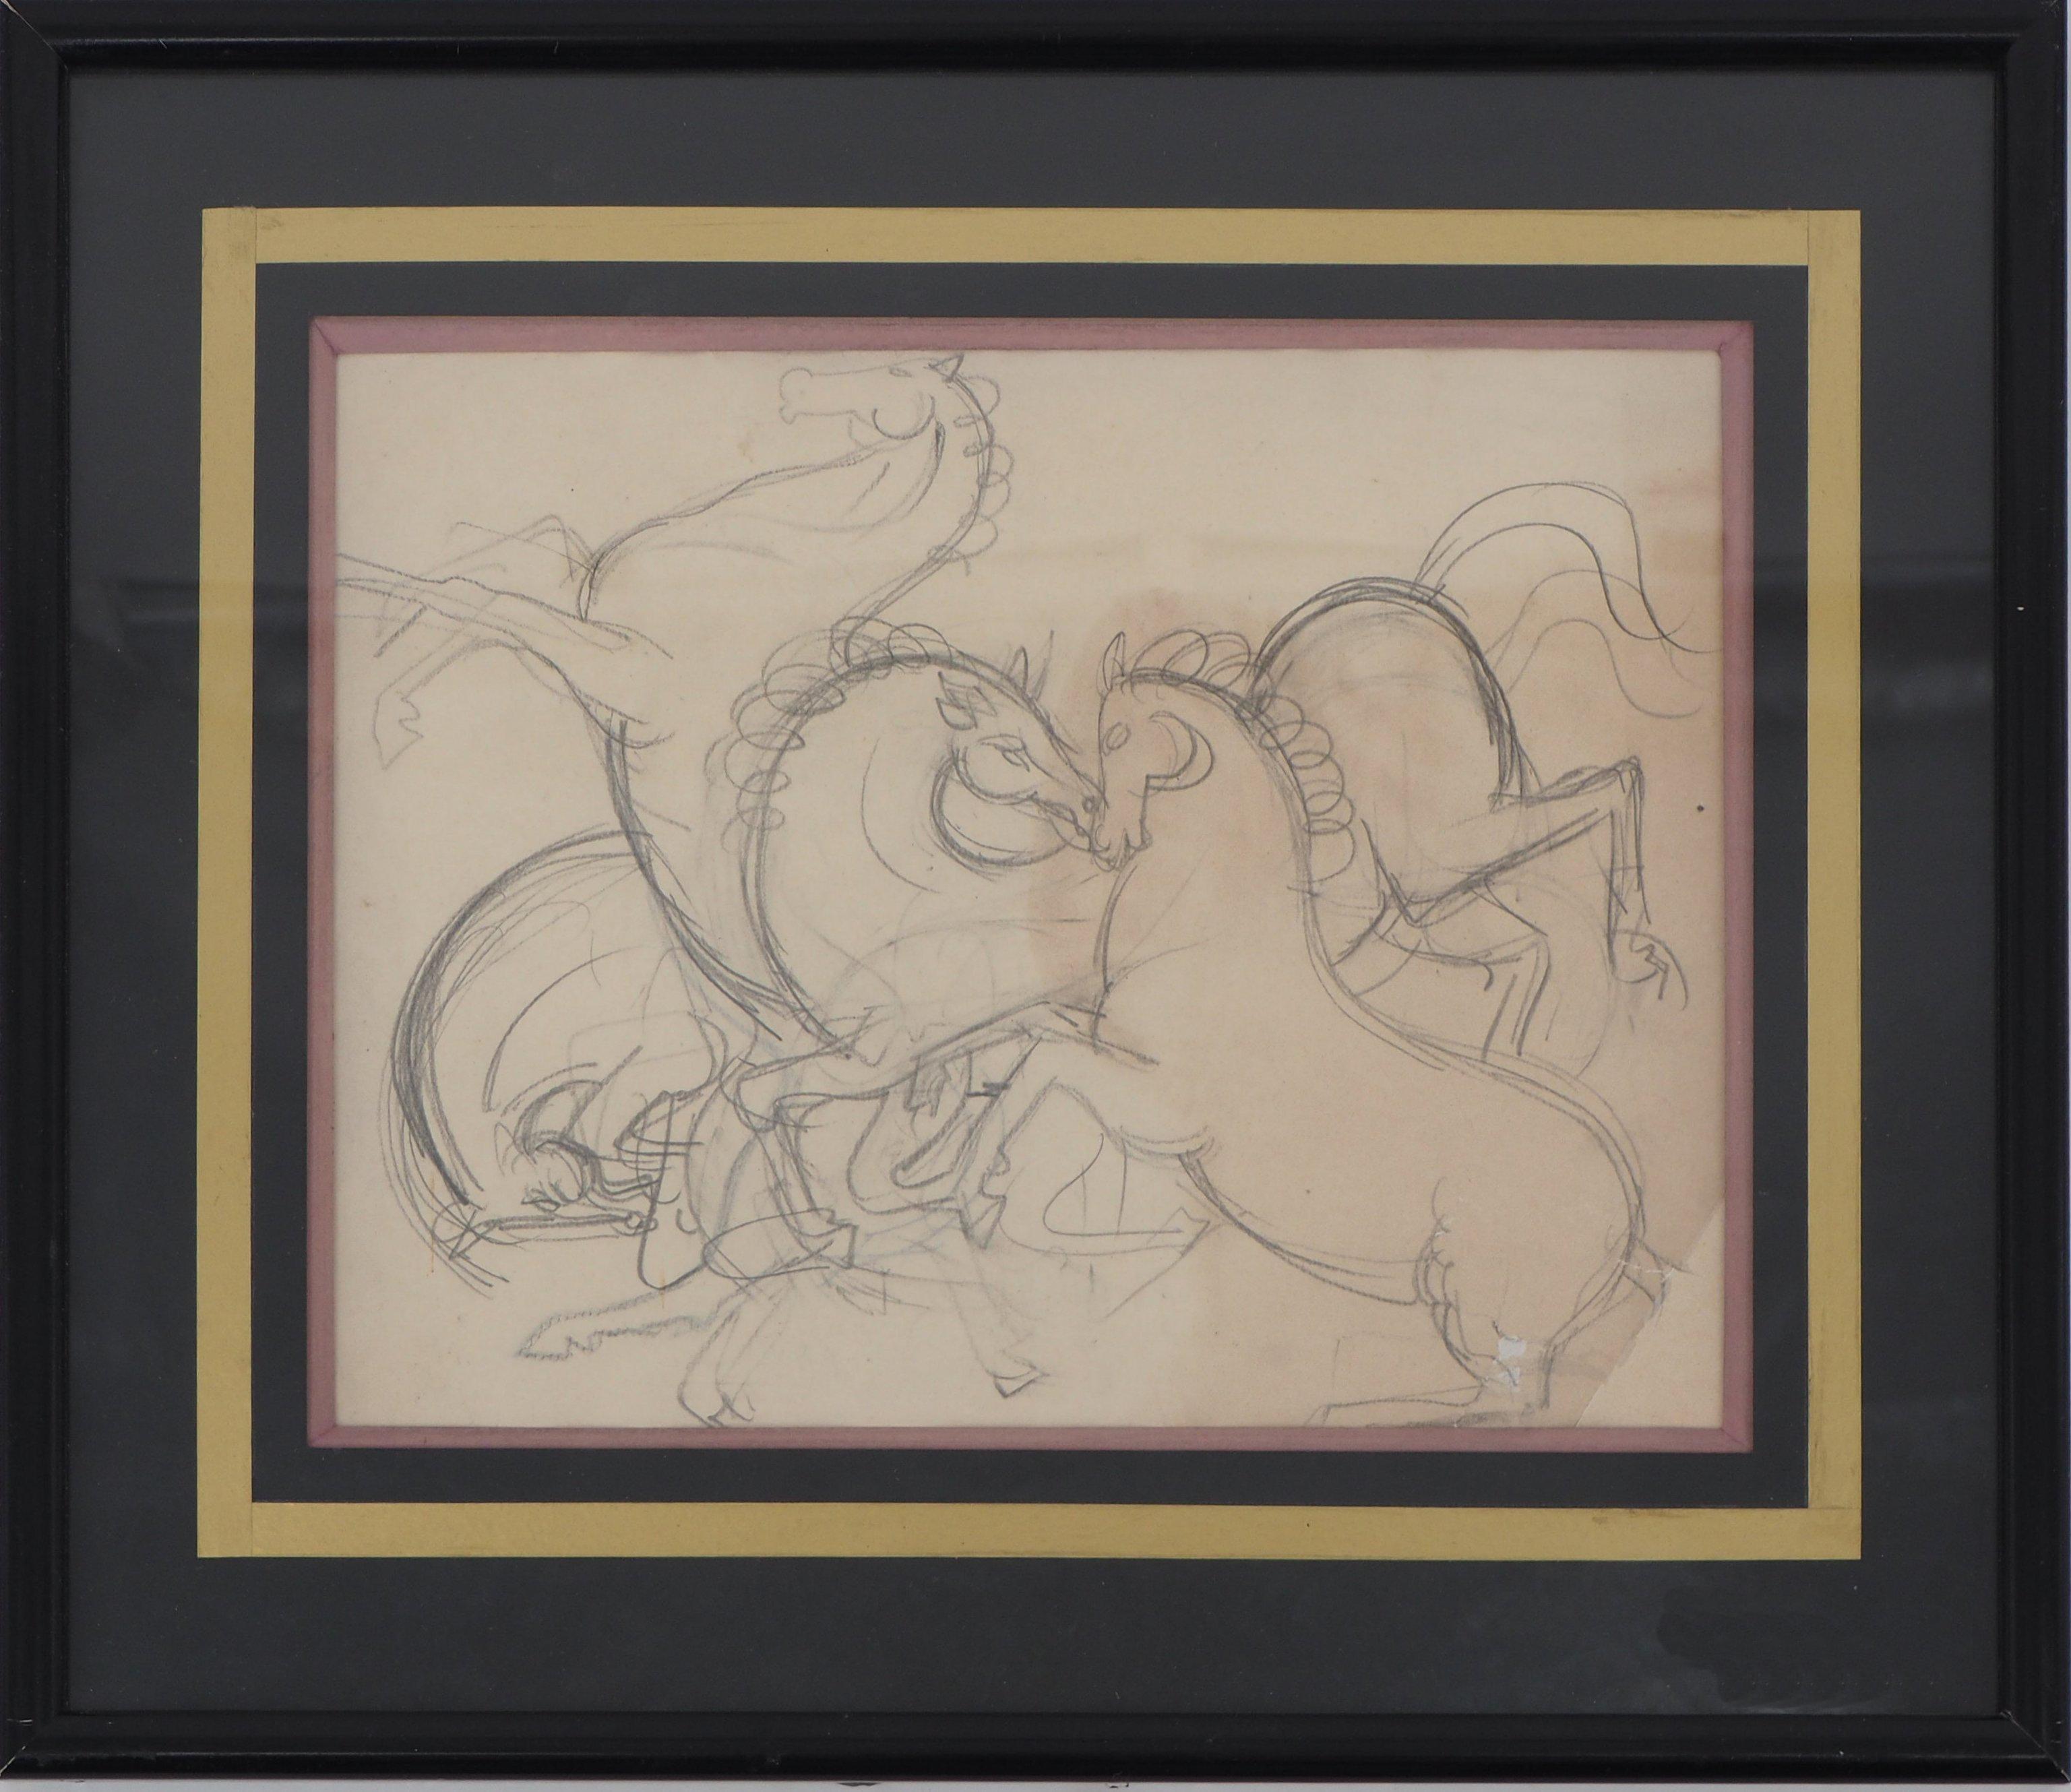 Prancing Horses - Original pencil drawing